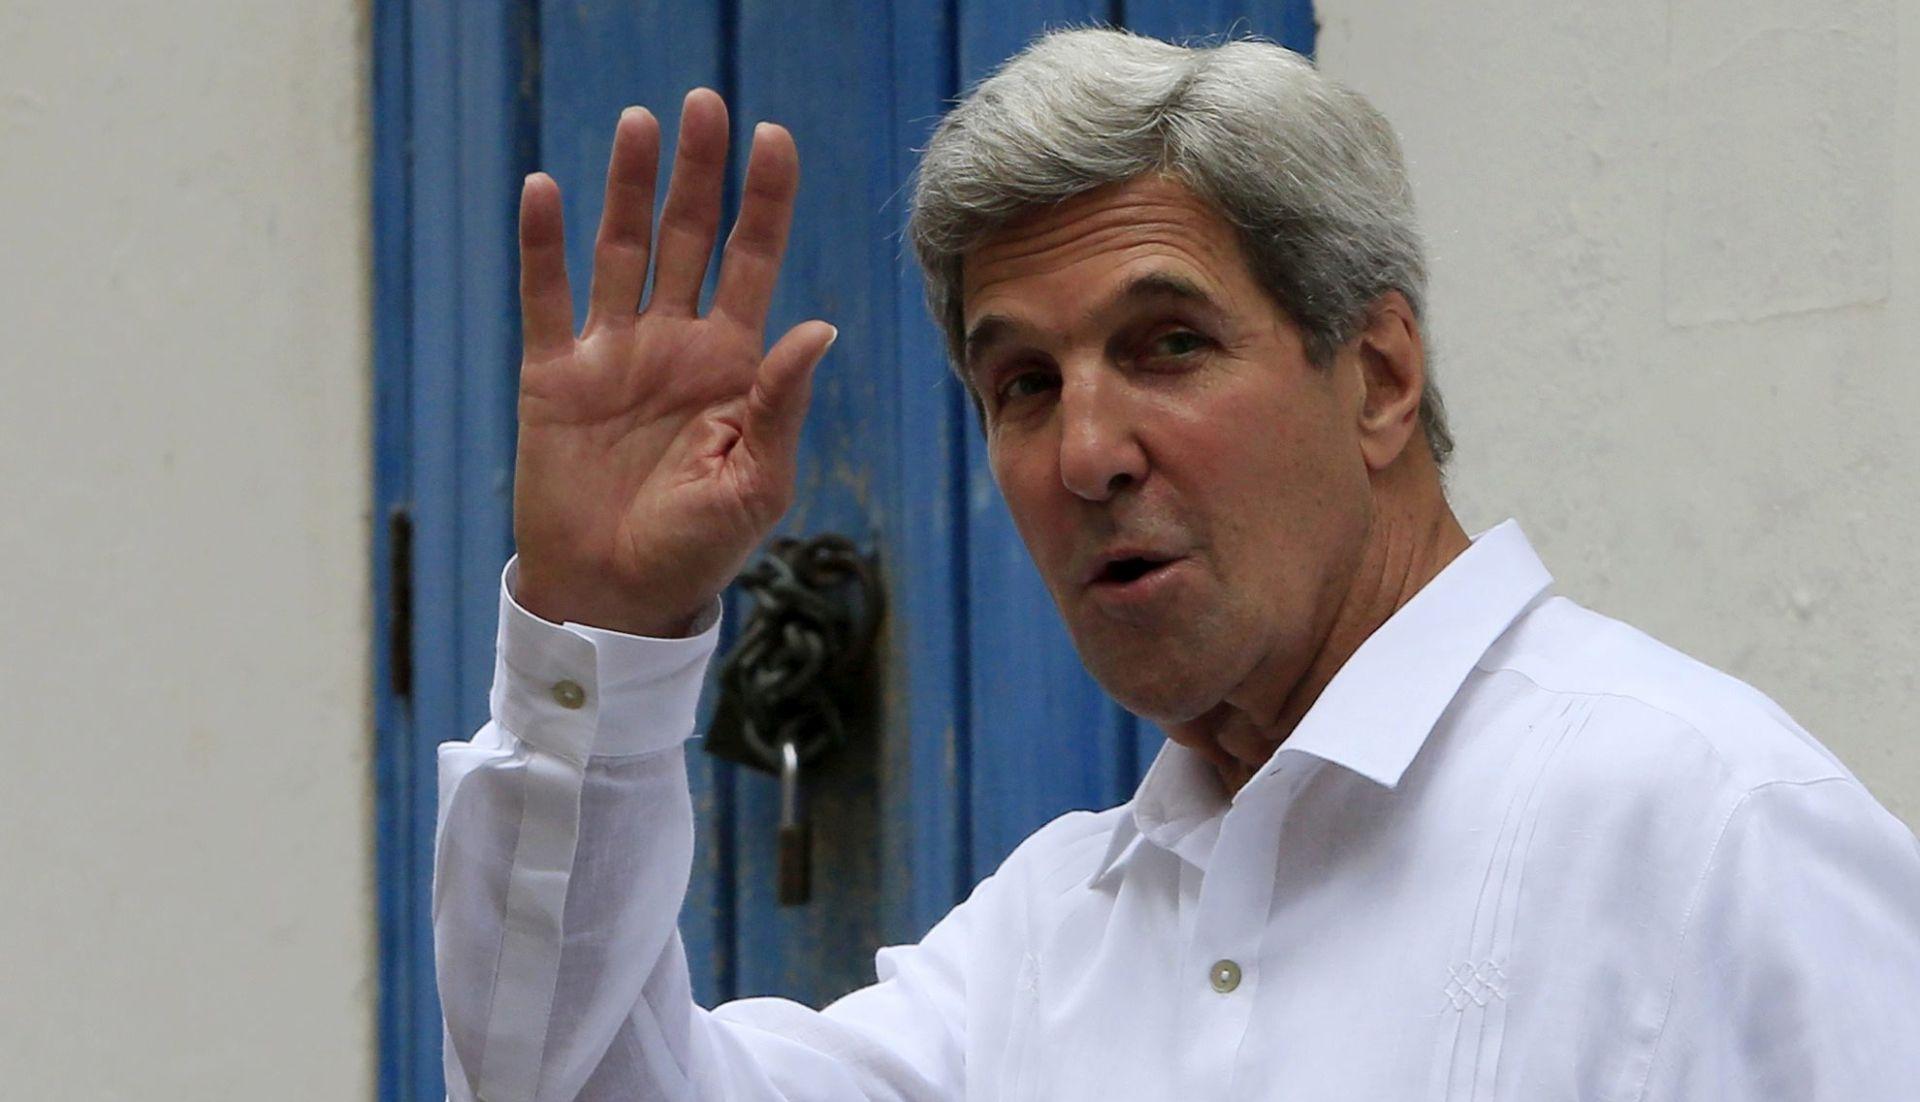 Kerry uspoređuje Alep sa Srebrenicom, de Mistura upozorava da će Idlib biti novi Alep